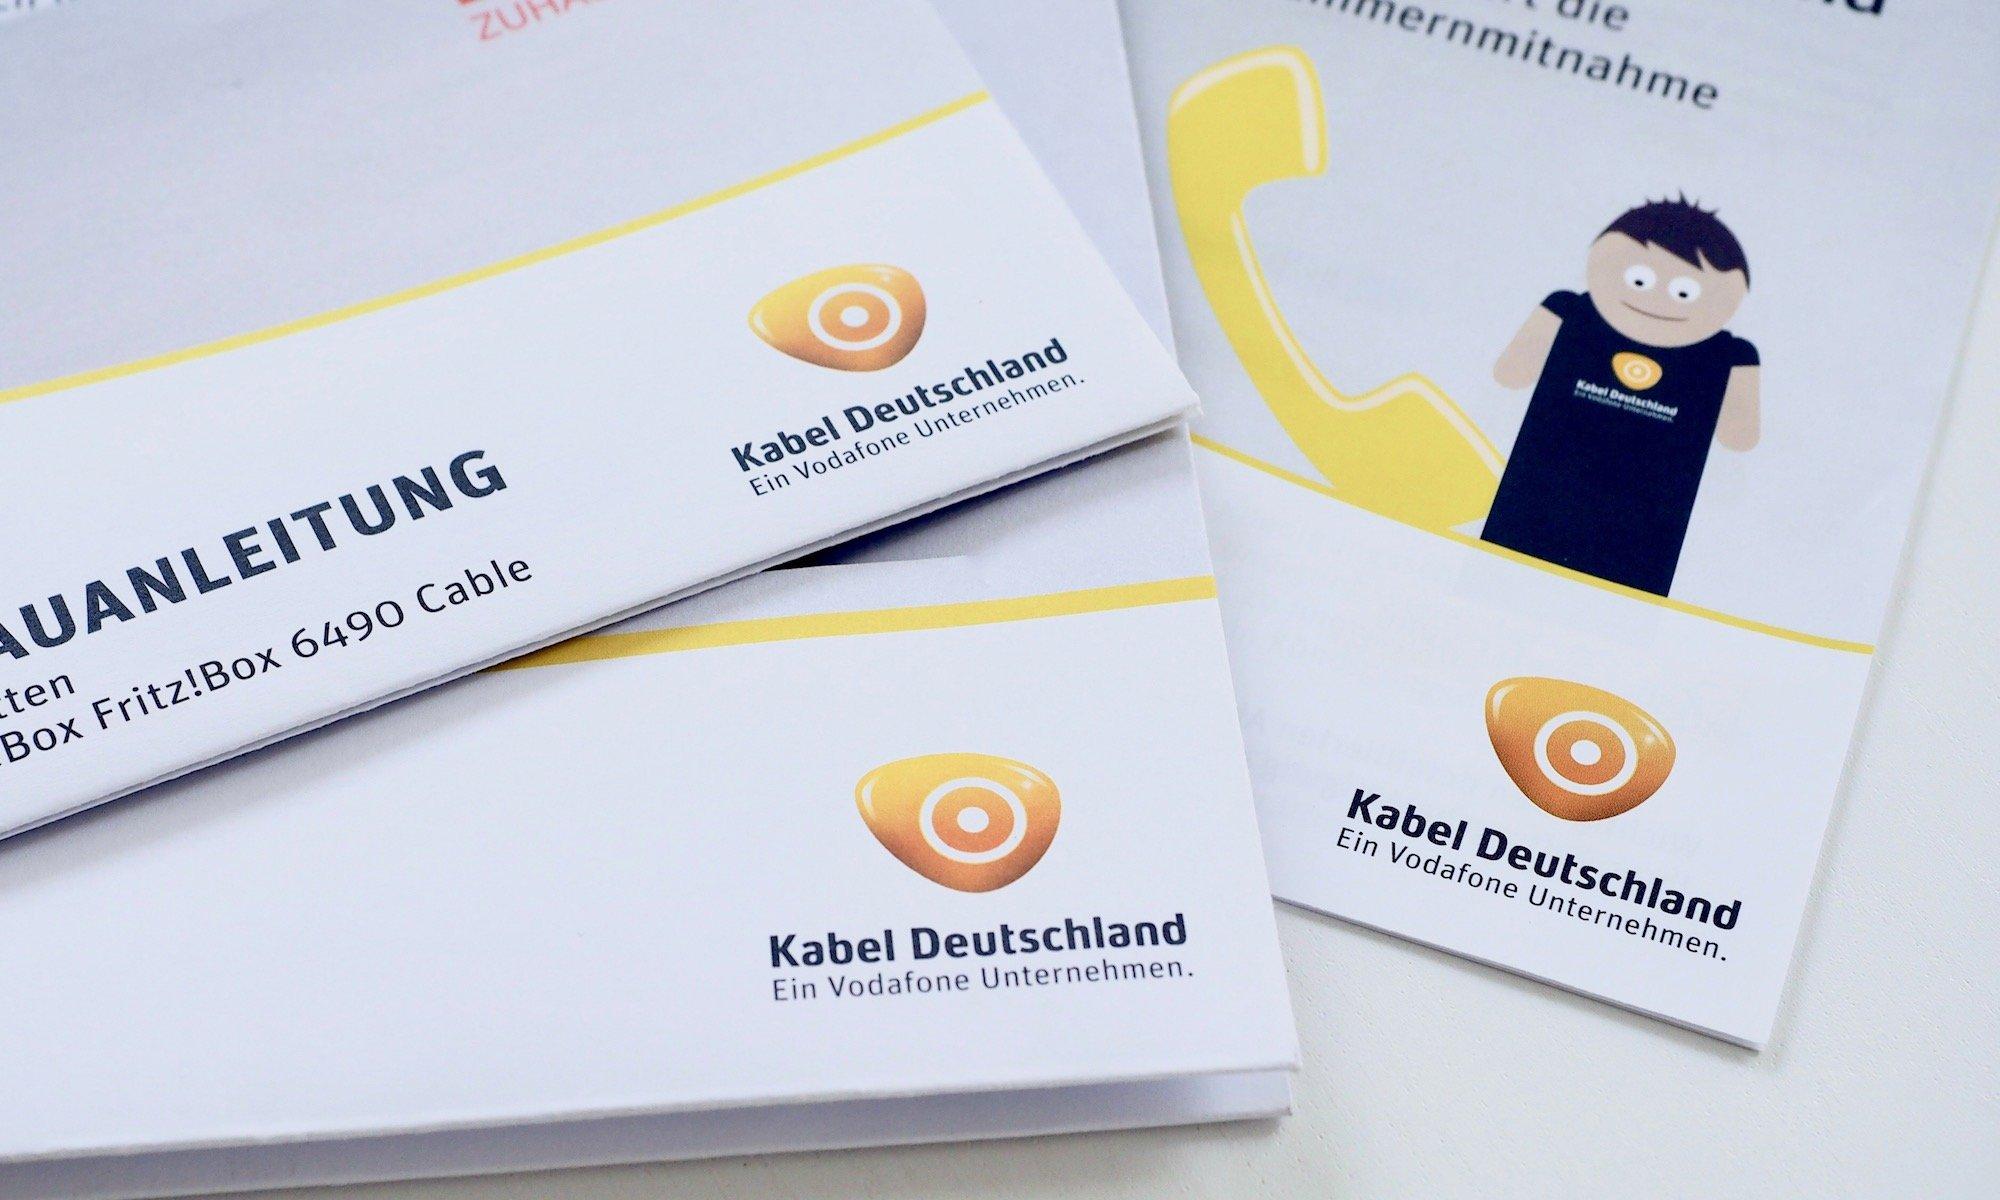 Kabel Deutschland die Zweite | Foto: konsensor.de